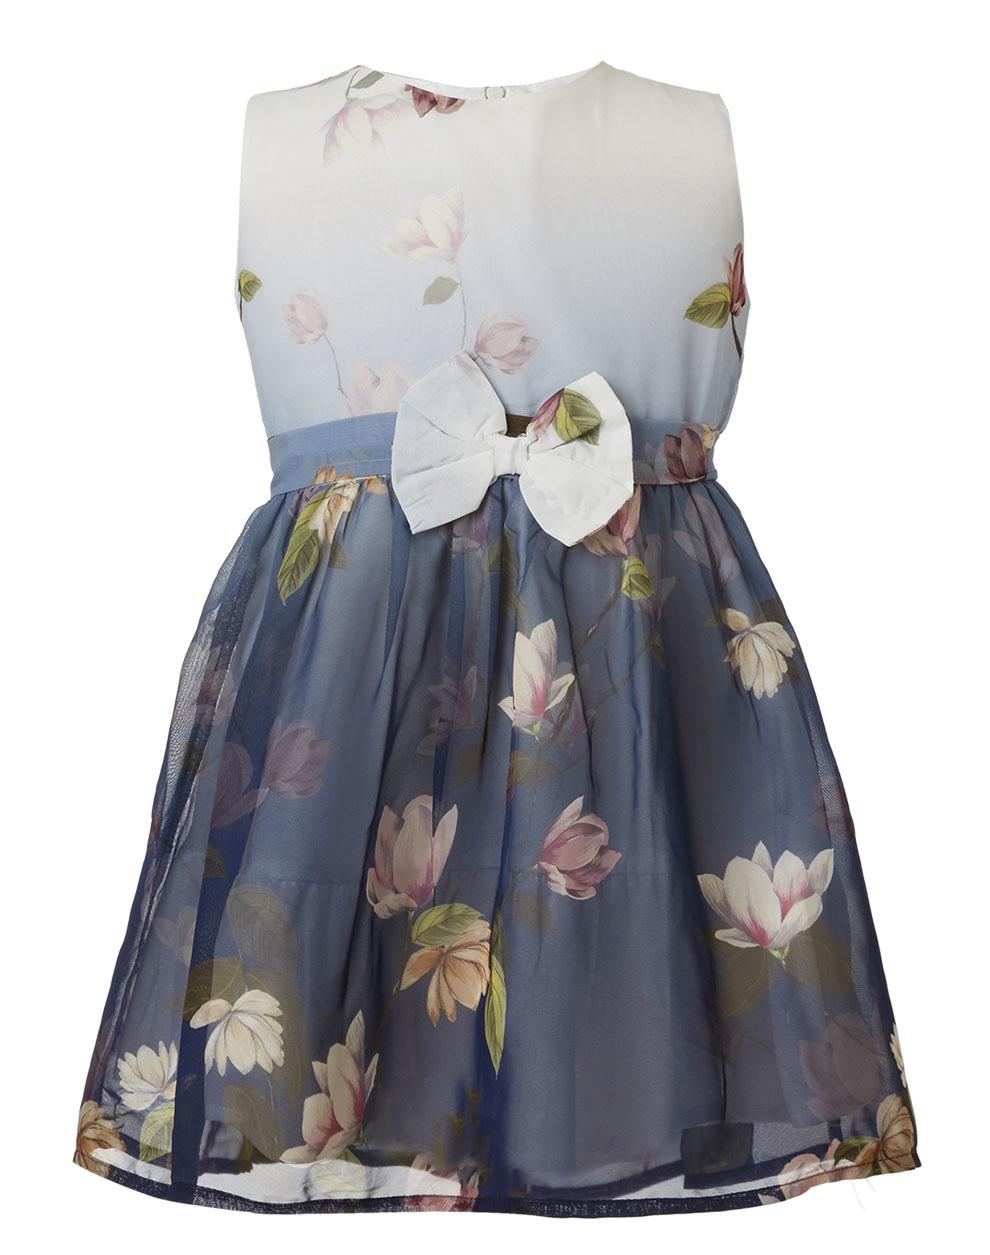 3fe5d10da78 Pitsiriki Φόρεμα ύφασμα σιφόν με φλοράλ μοτίβο και διακοσμητικό φιόγκο στη  μέση 46-219286-7